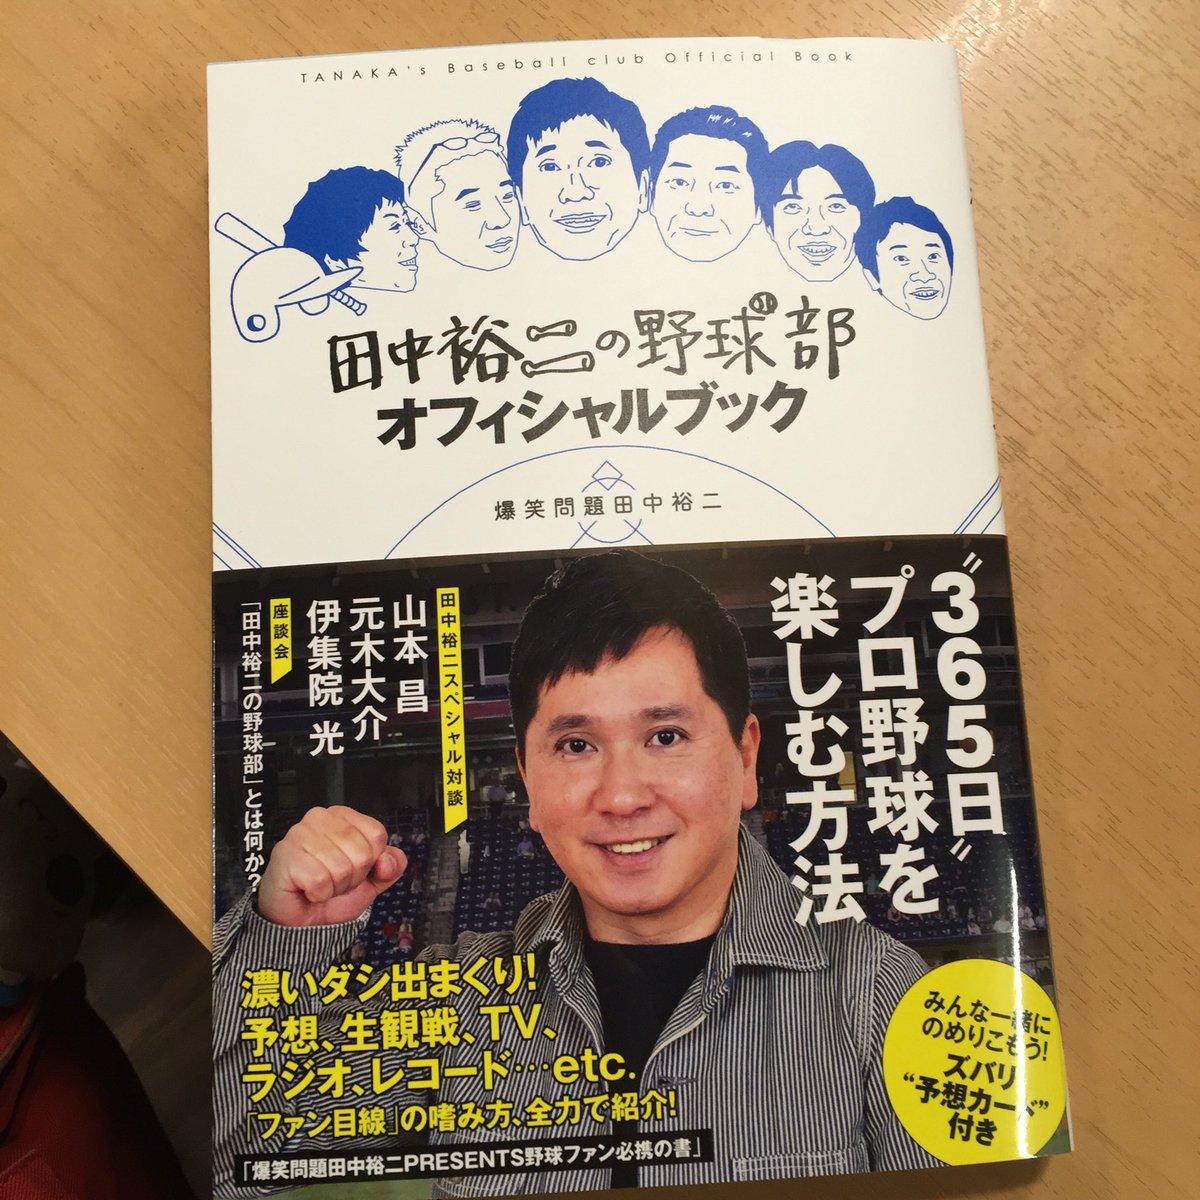 田中裕二の野球部オフィシャルブックの、本文デザインをしました。 わたし、爆笑問題カーボーイが何よりも好きだから、本当に嬉しいよ。ペナントレースの予想カードもついてるよ。 https://t.co/ogejUbHxE6